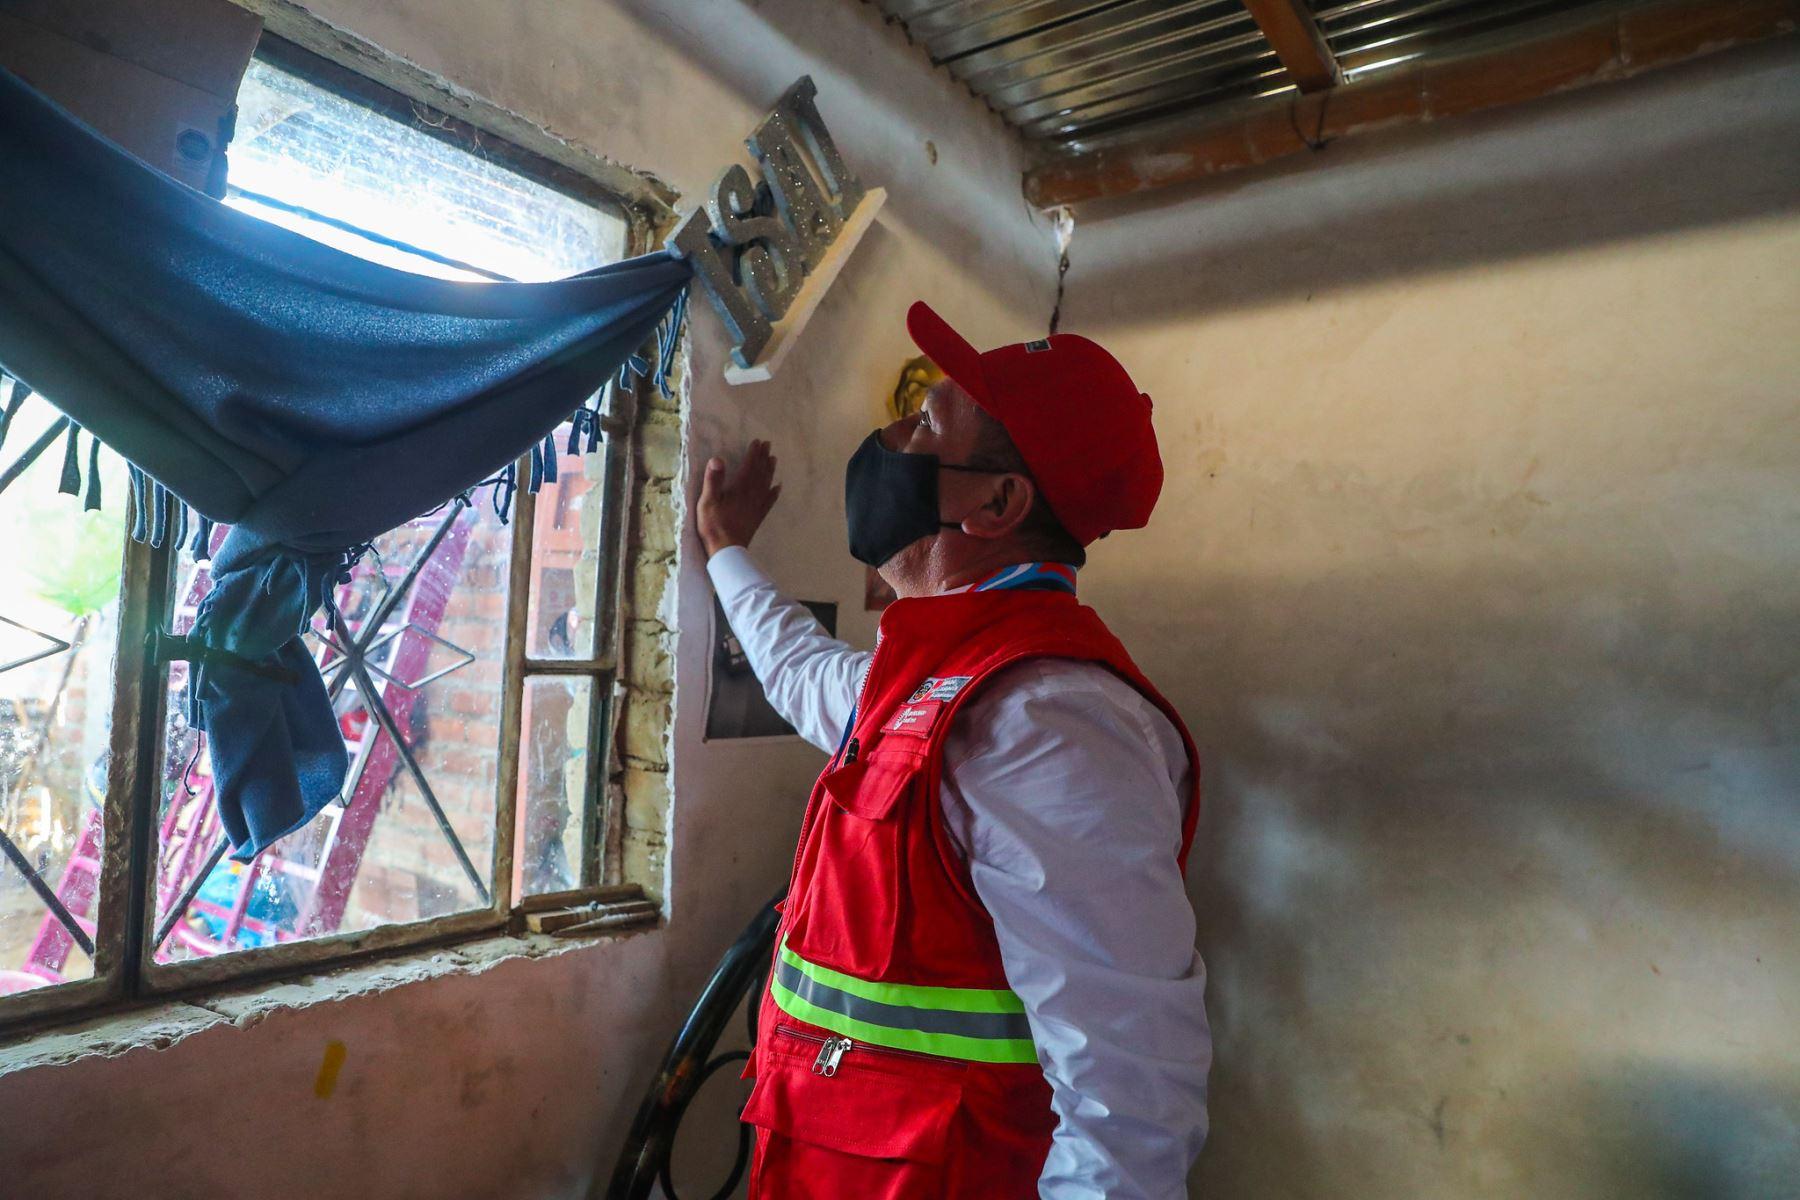 El ministro de Transportes y Comunicaciones, Juan Silva Villegas, arribó al Grupo Aéreo N° 7, junto con el ministro de Vivienda, Geiner Alvarado, para inspeccionar el estado de las vías en esta región, luego del fuerte sismo ocurrido el día de ayer. Foto: ANDINA/MTC